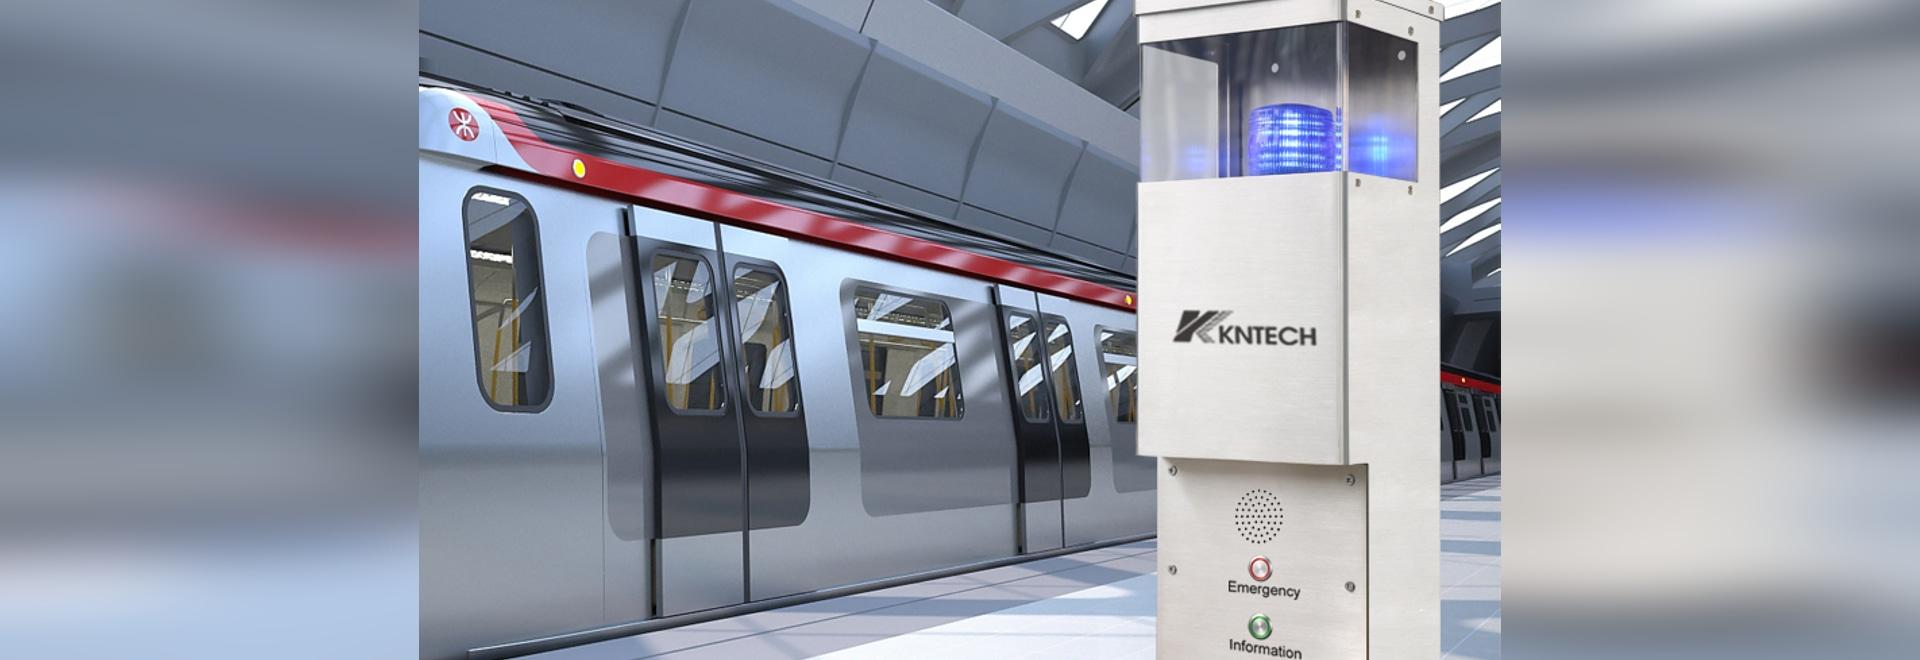 Aiuto ai passeggeri Point / Video intercom /Emergency call stations /Telephone console progetto della metropolitana